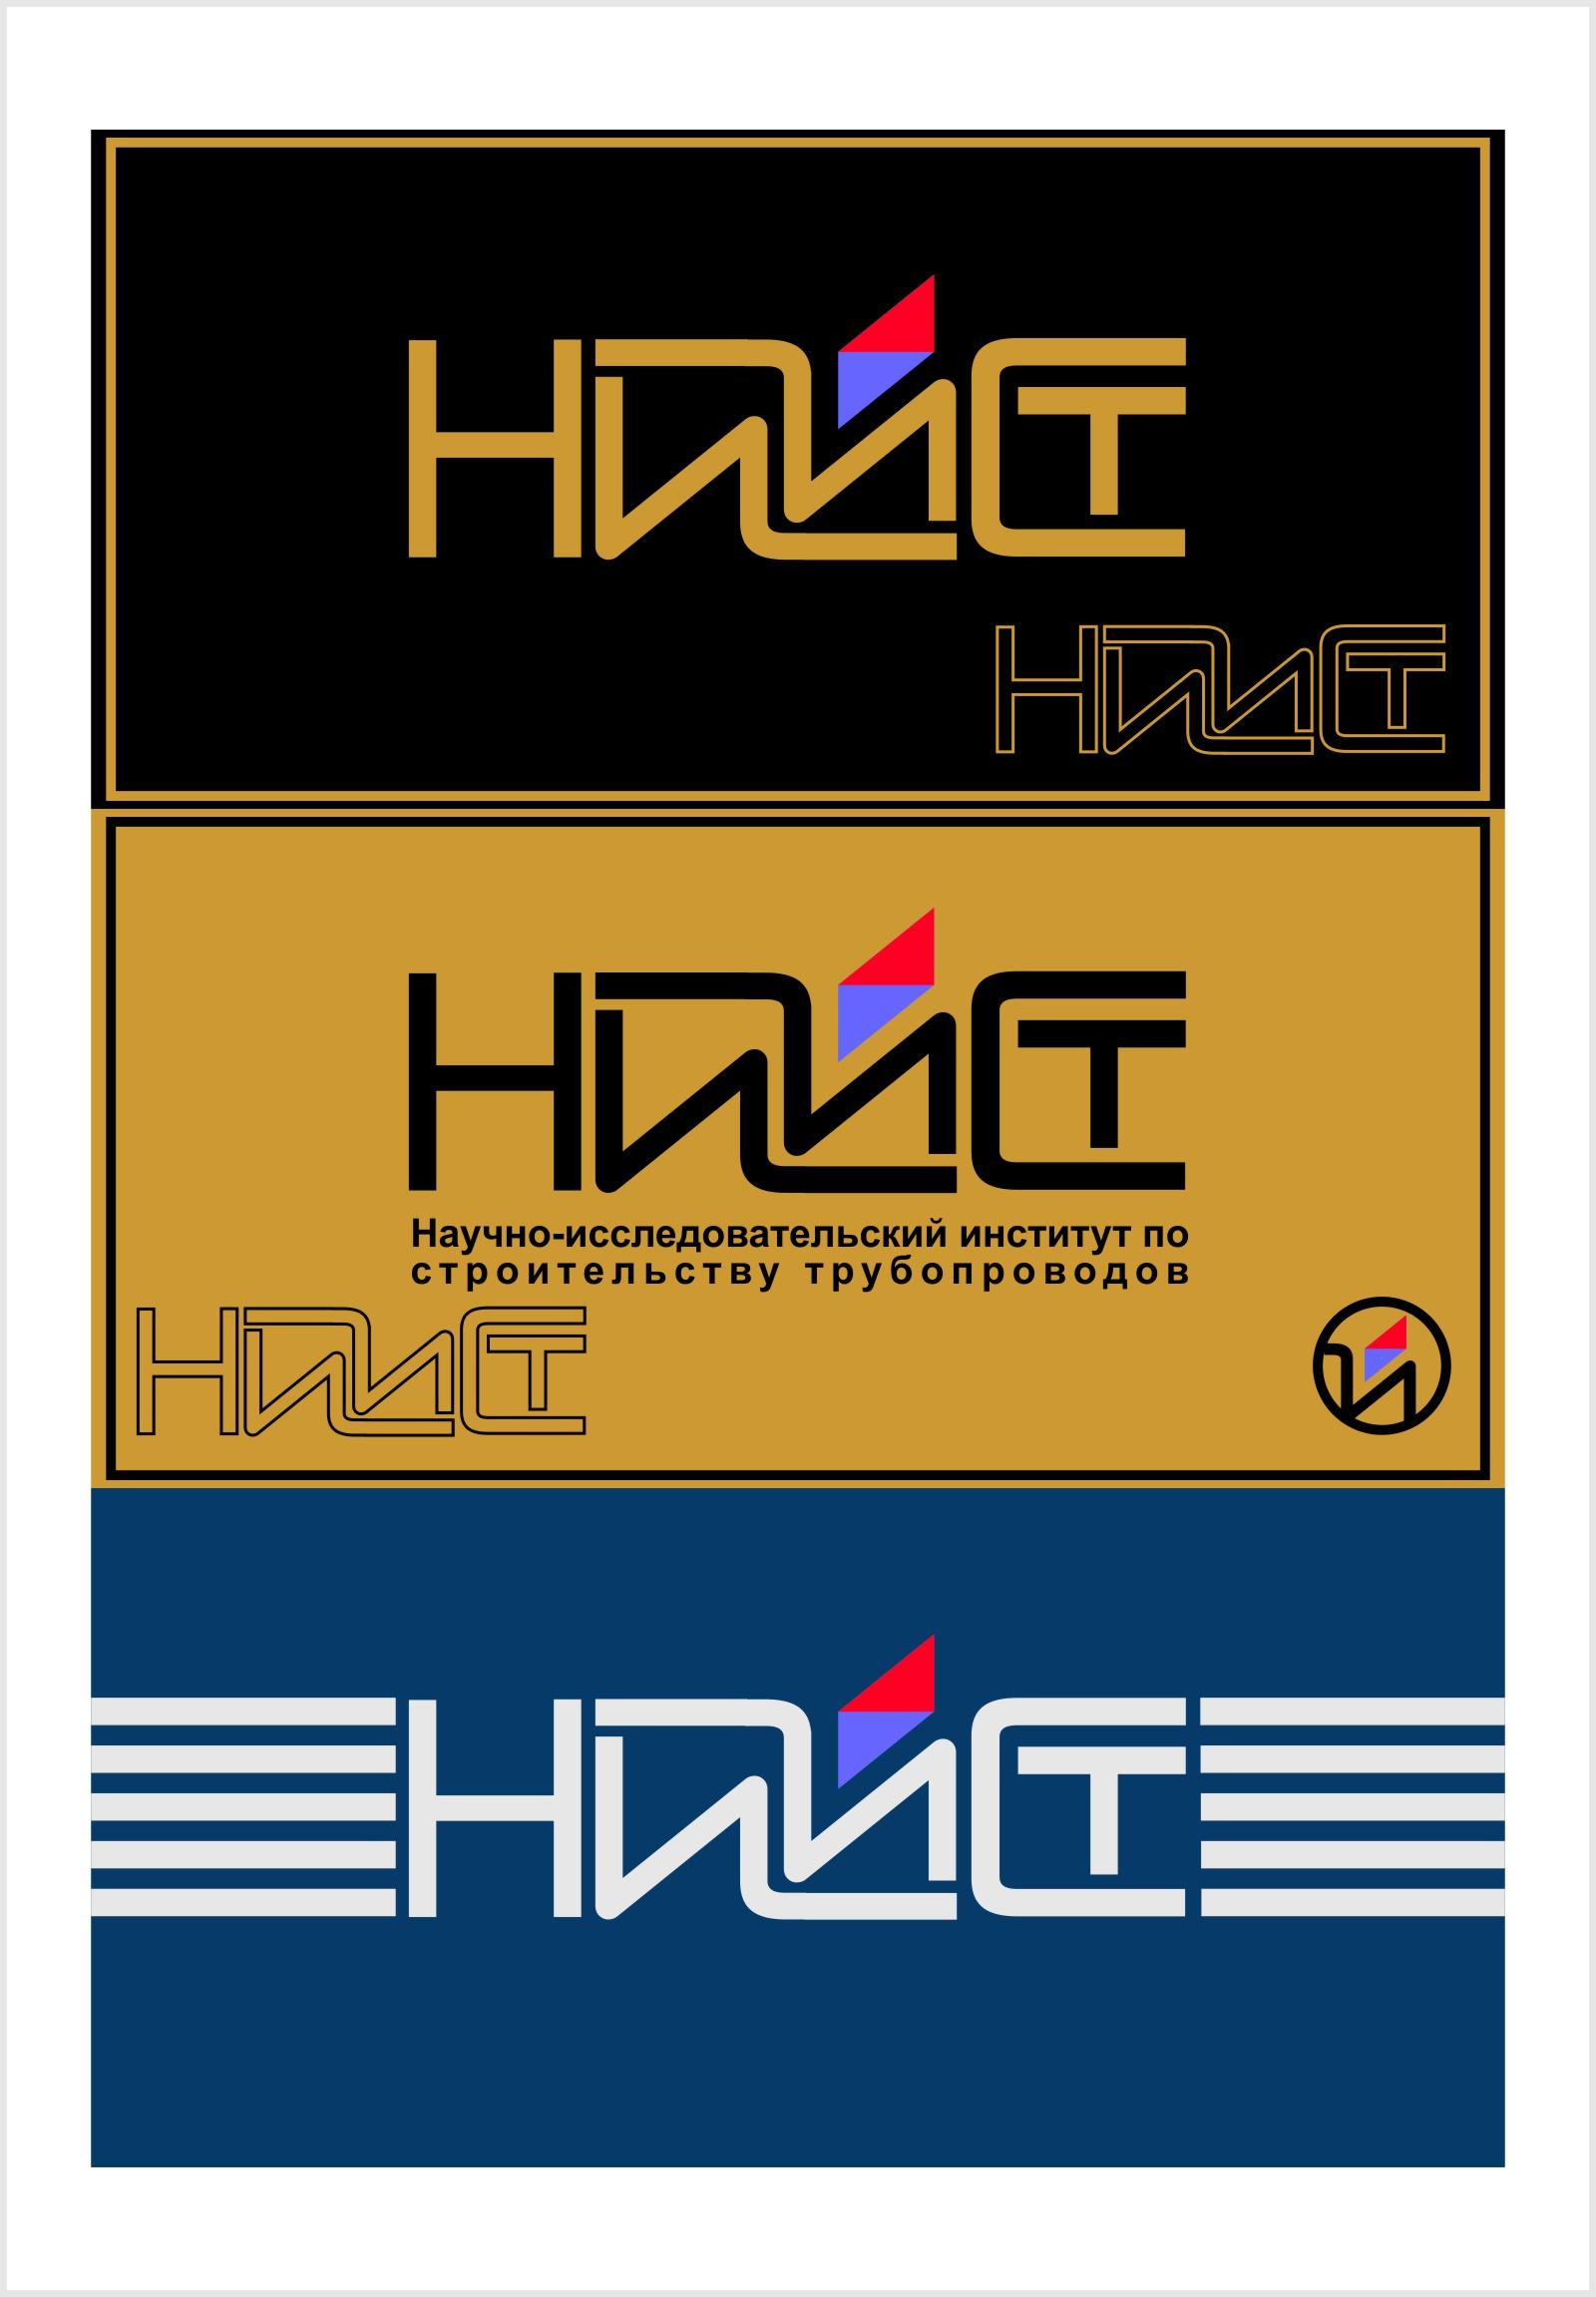 Разработка логотипа фото f_9595b9e1640474dc.jpg